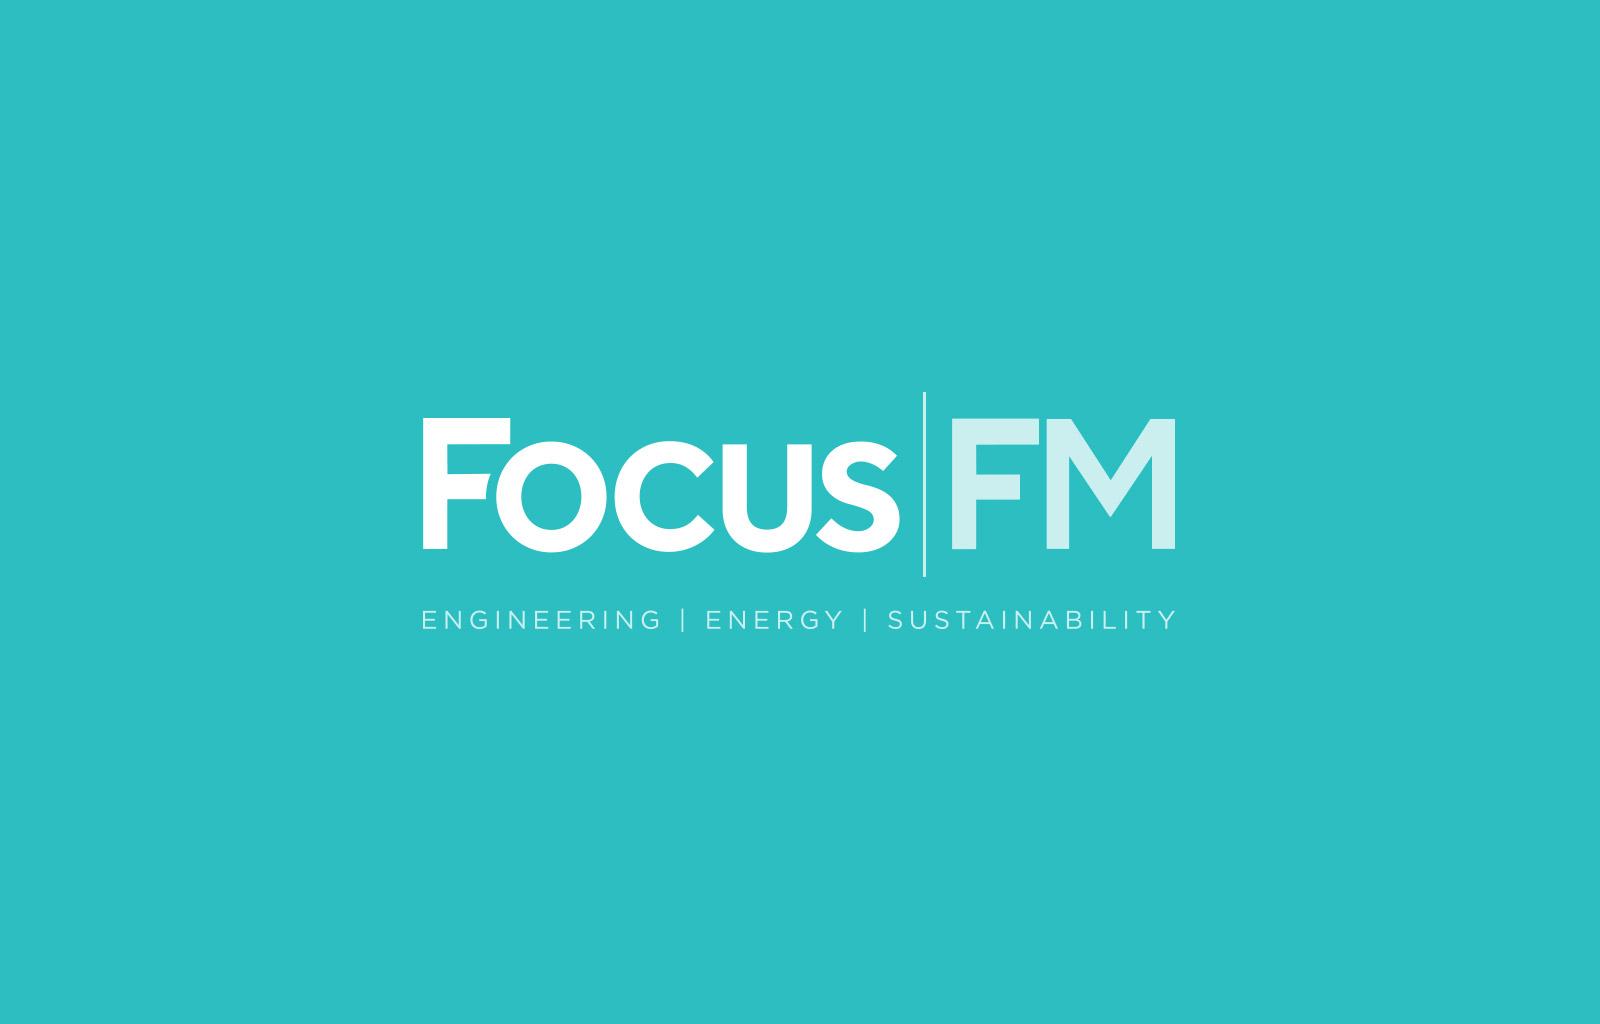 Focus FM Live